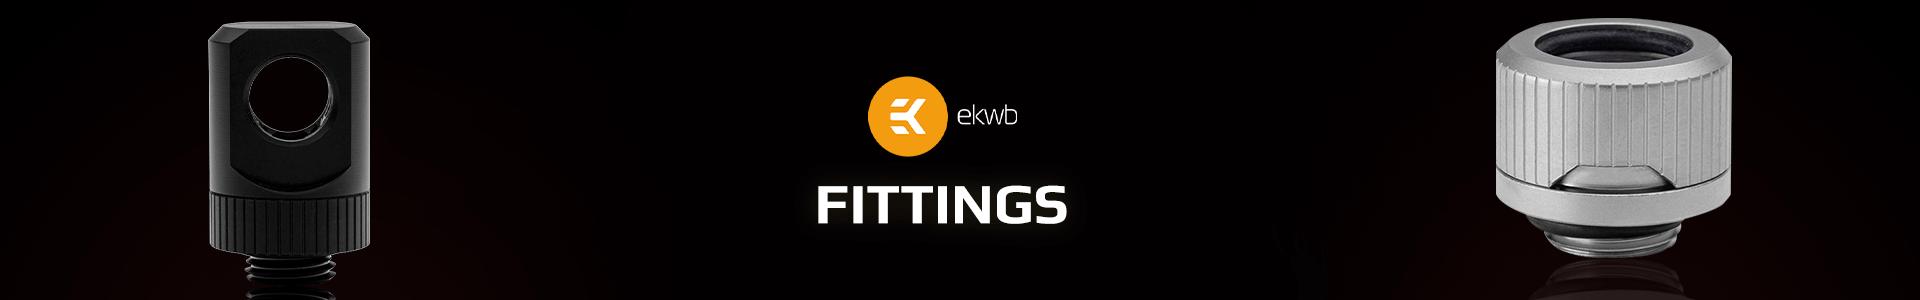 EK Fittings